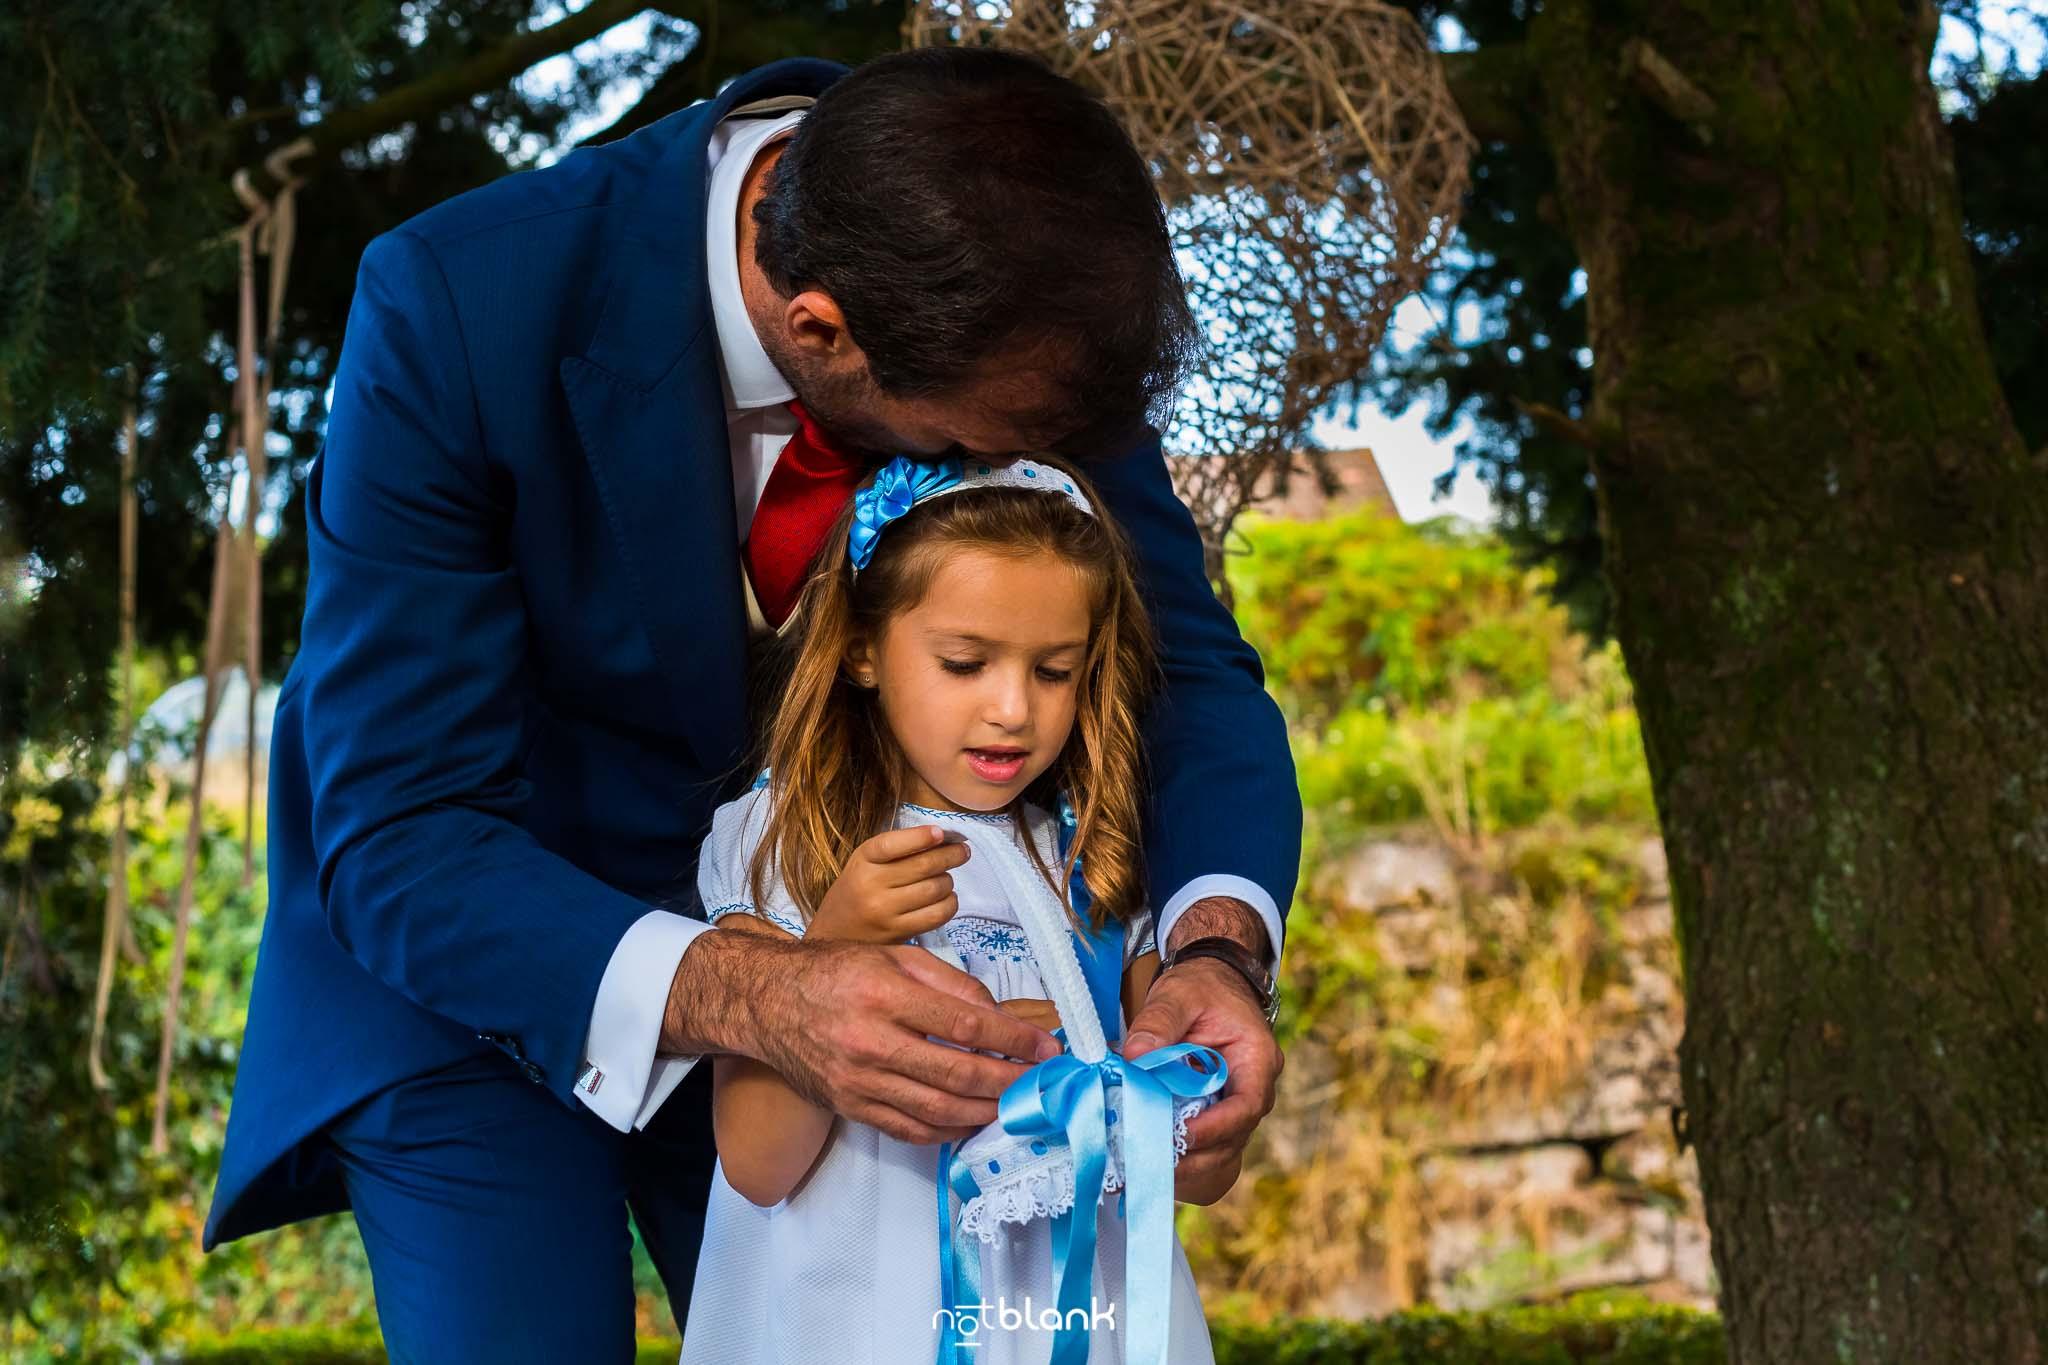 Boda En El Jardin De Casa Jana y Fran - El novio abraza a su hija pequeña durante la ceremonia civil - Notblank Fotografos de boda